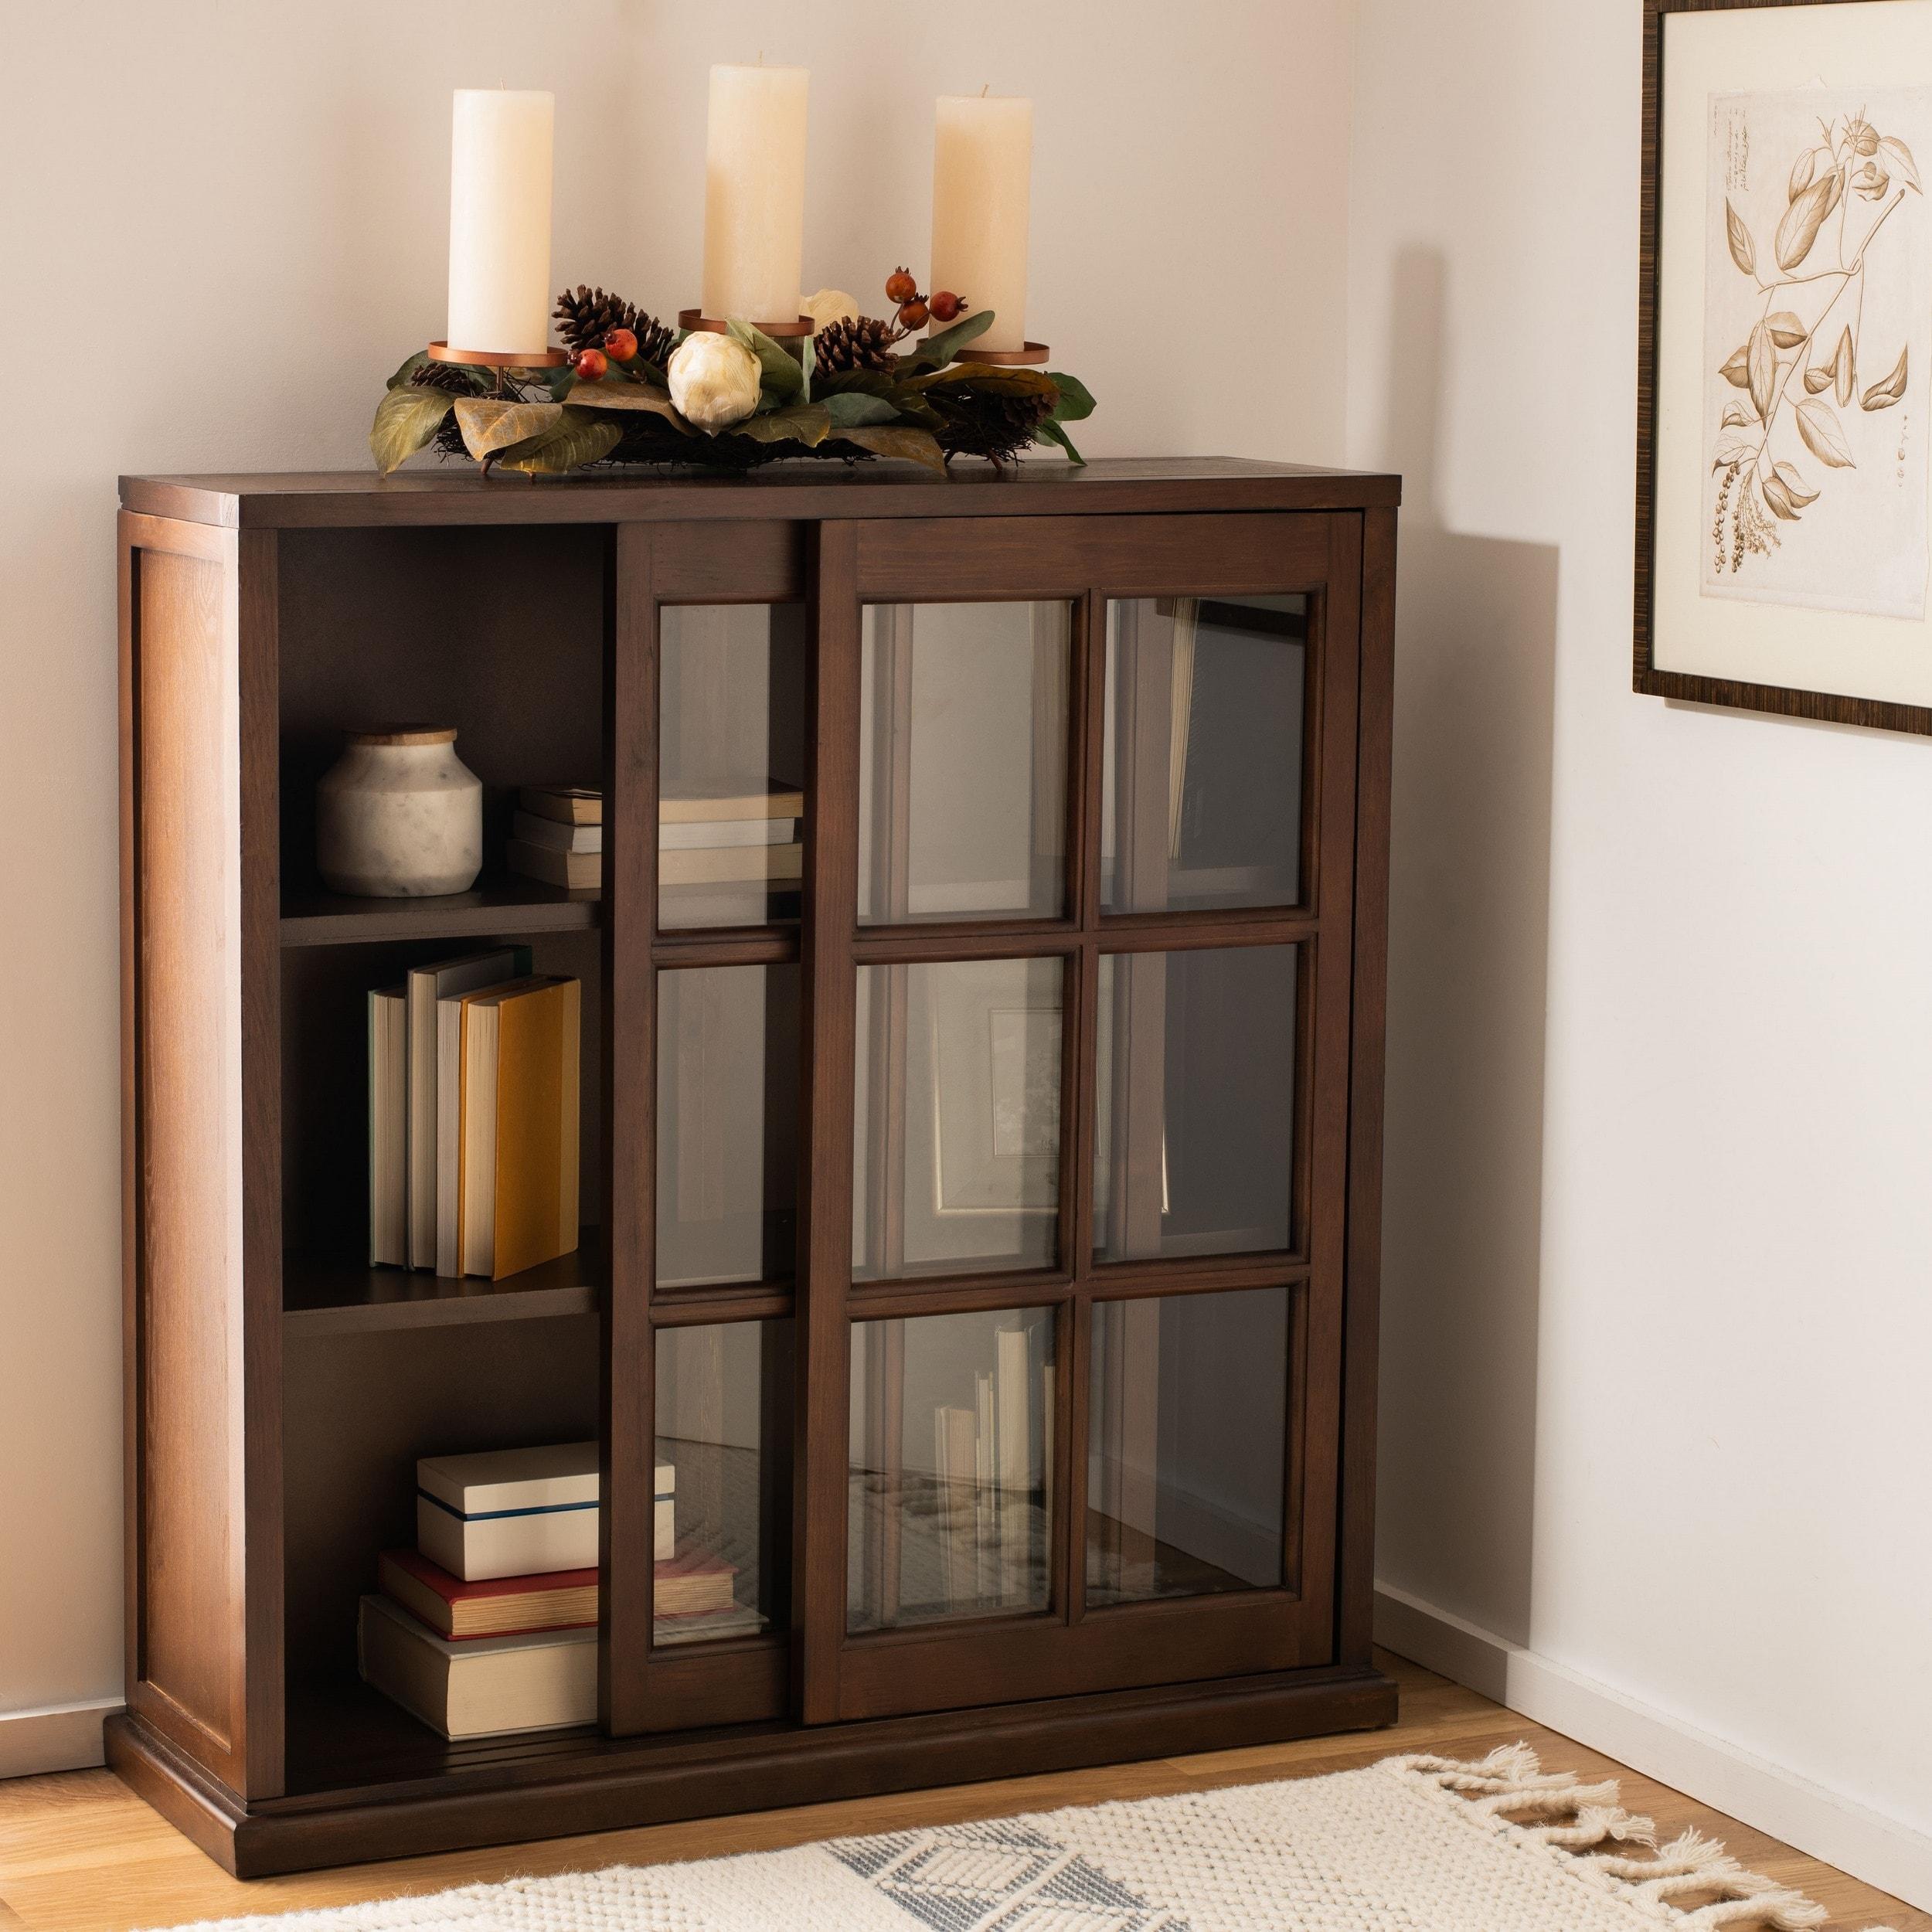 Shop Black Friday Deals On Safavieh Greg Dark Teak Storage Bookcase 39 W X 11 4 L X 40 2 H Overstock 6605274